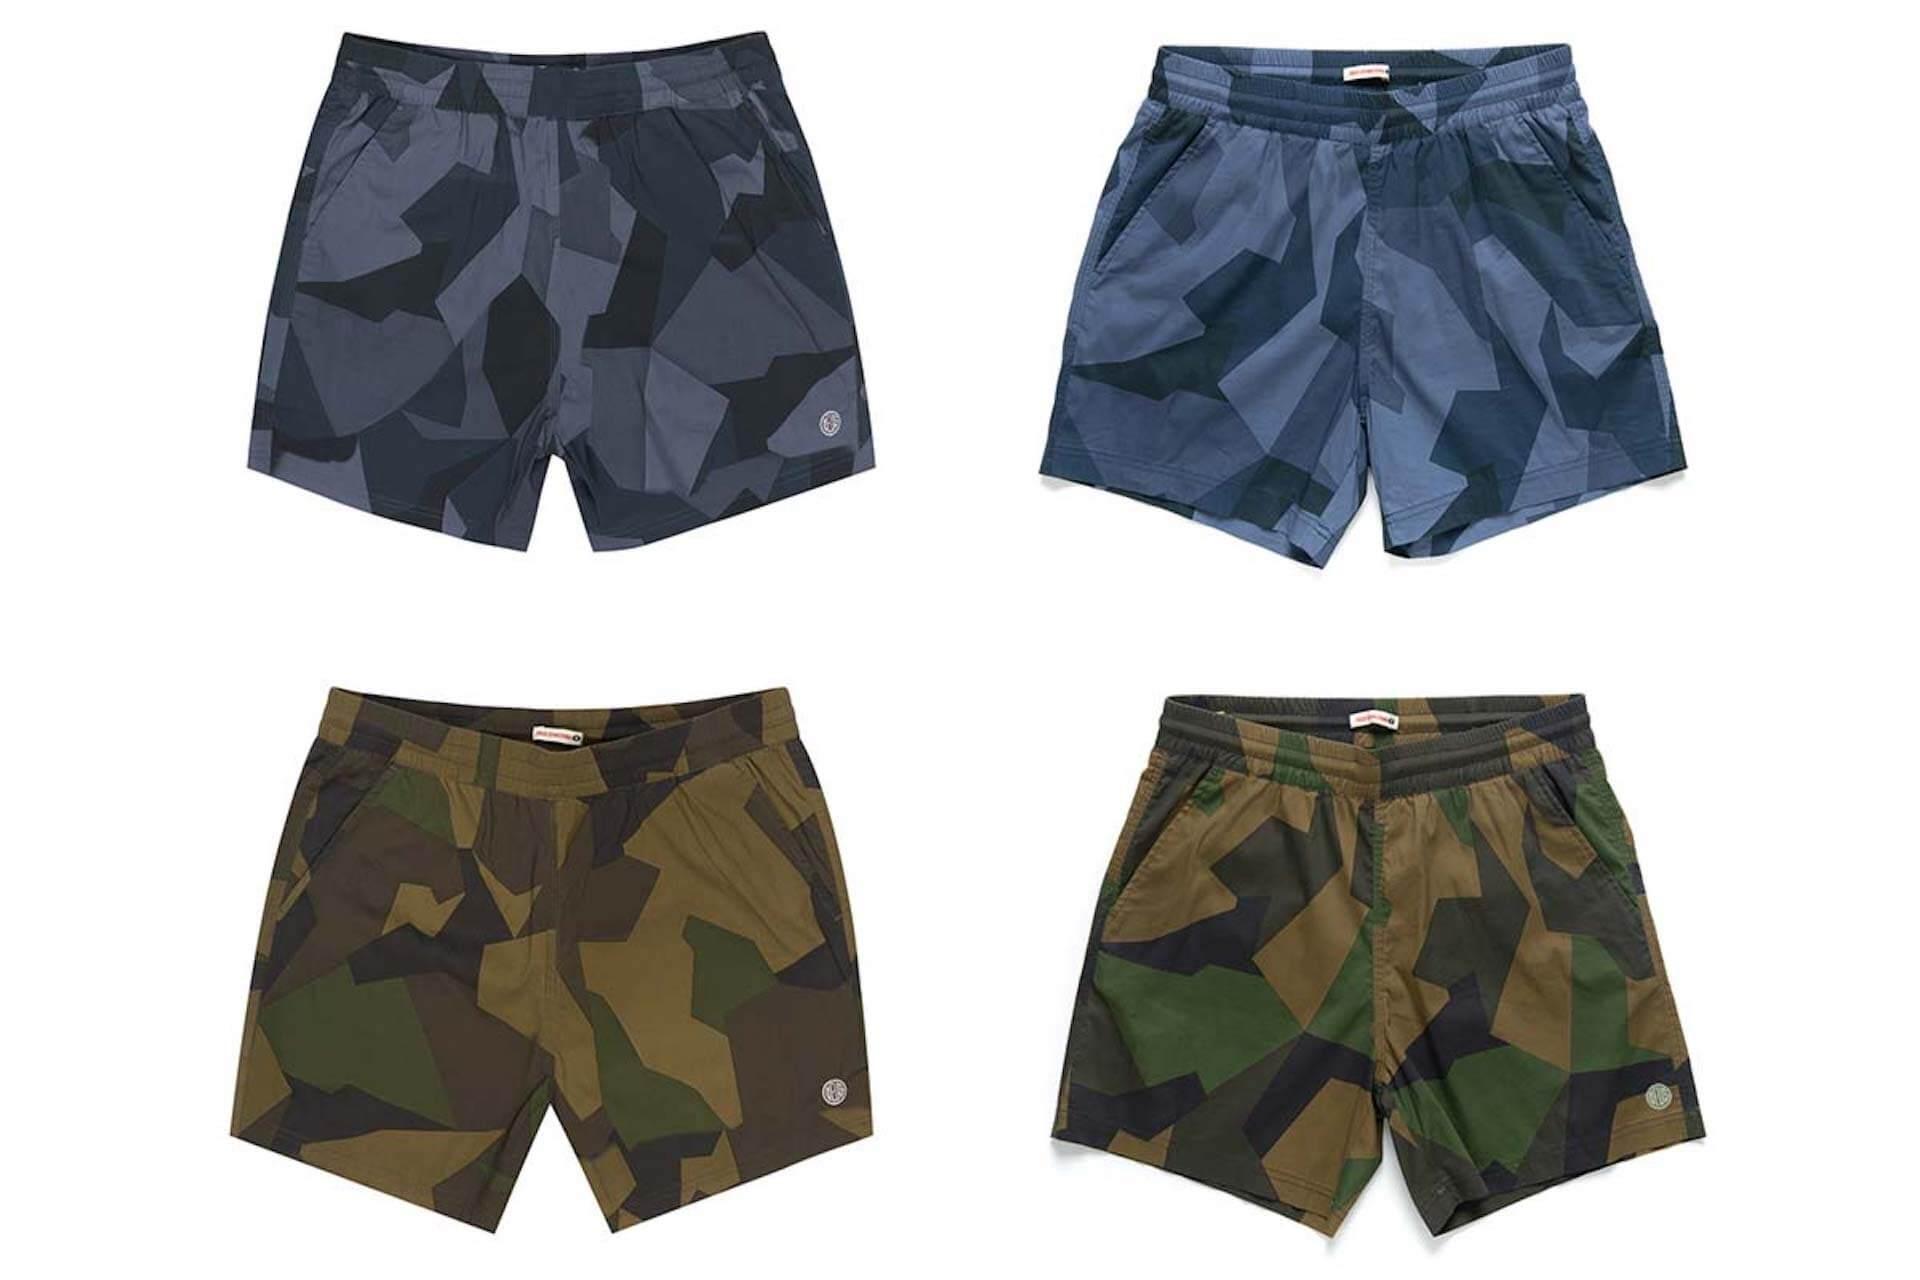 夏ファッション・コーデの必需品!アウトドアからタウンユースまで活躍するメンズ・ショートパンツ特集 life200730_jeep_shorts_21